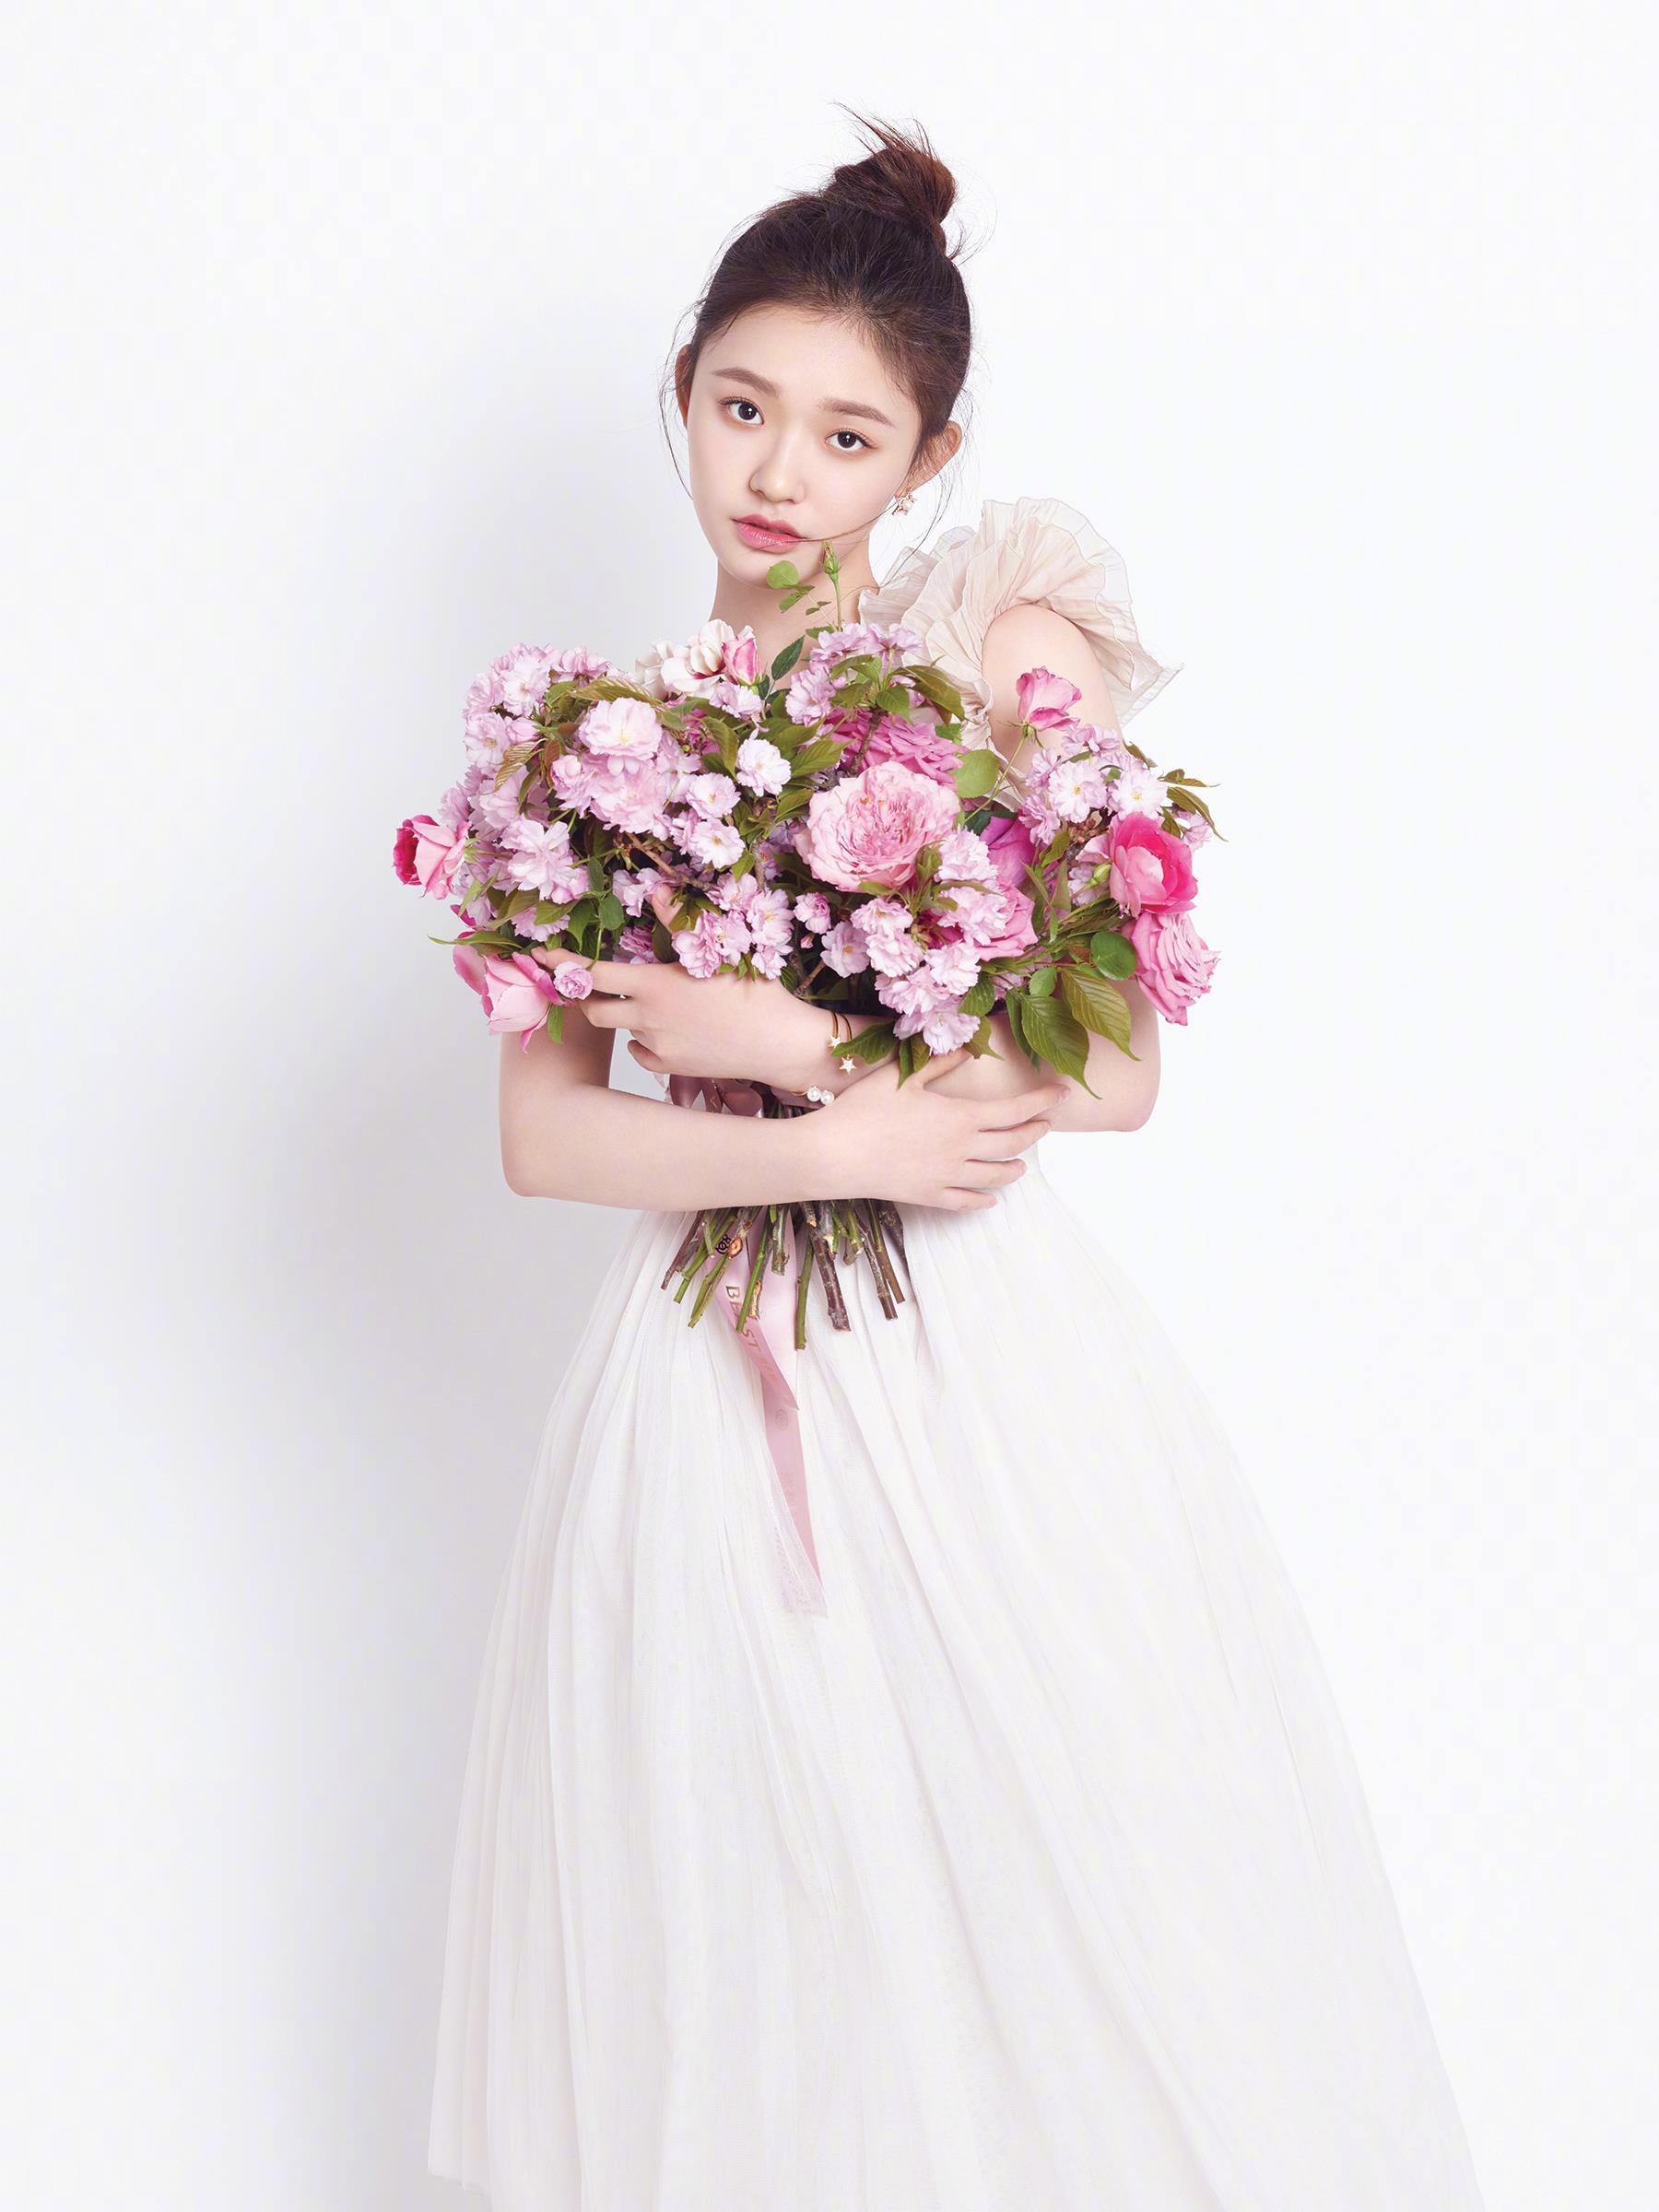 林允置身花海美若仙子 粉红抹胸长裙性感又清纯